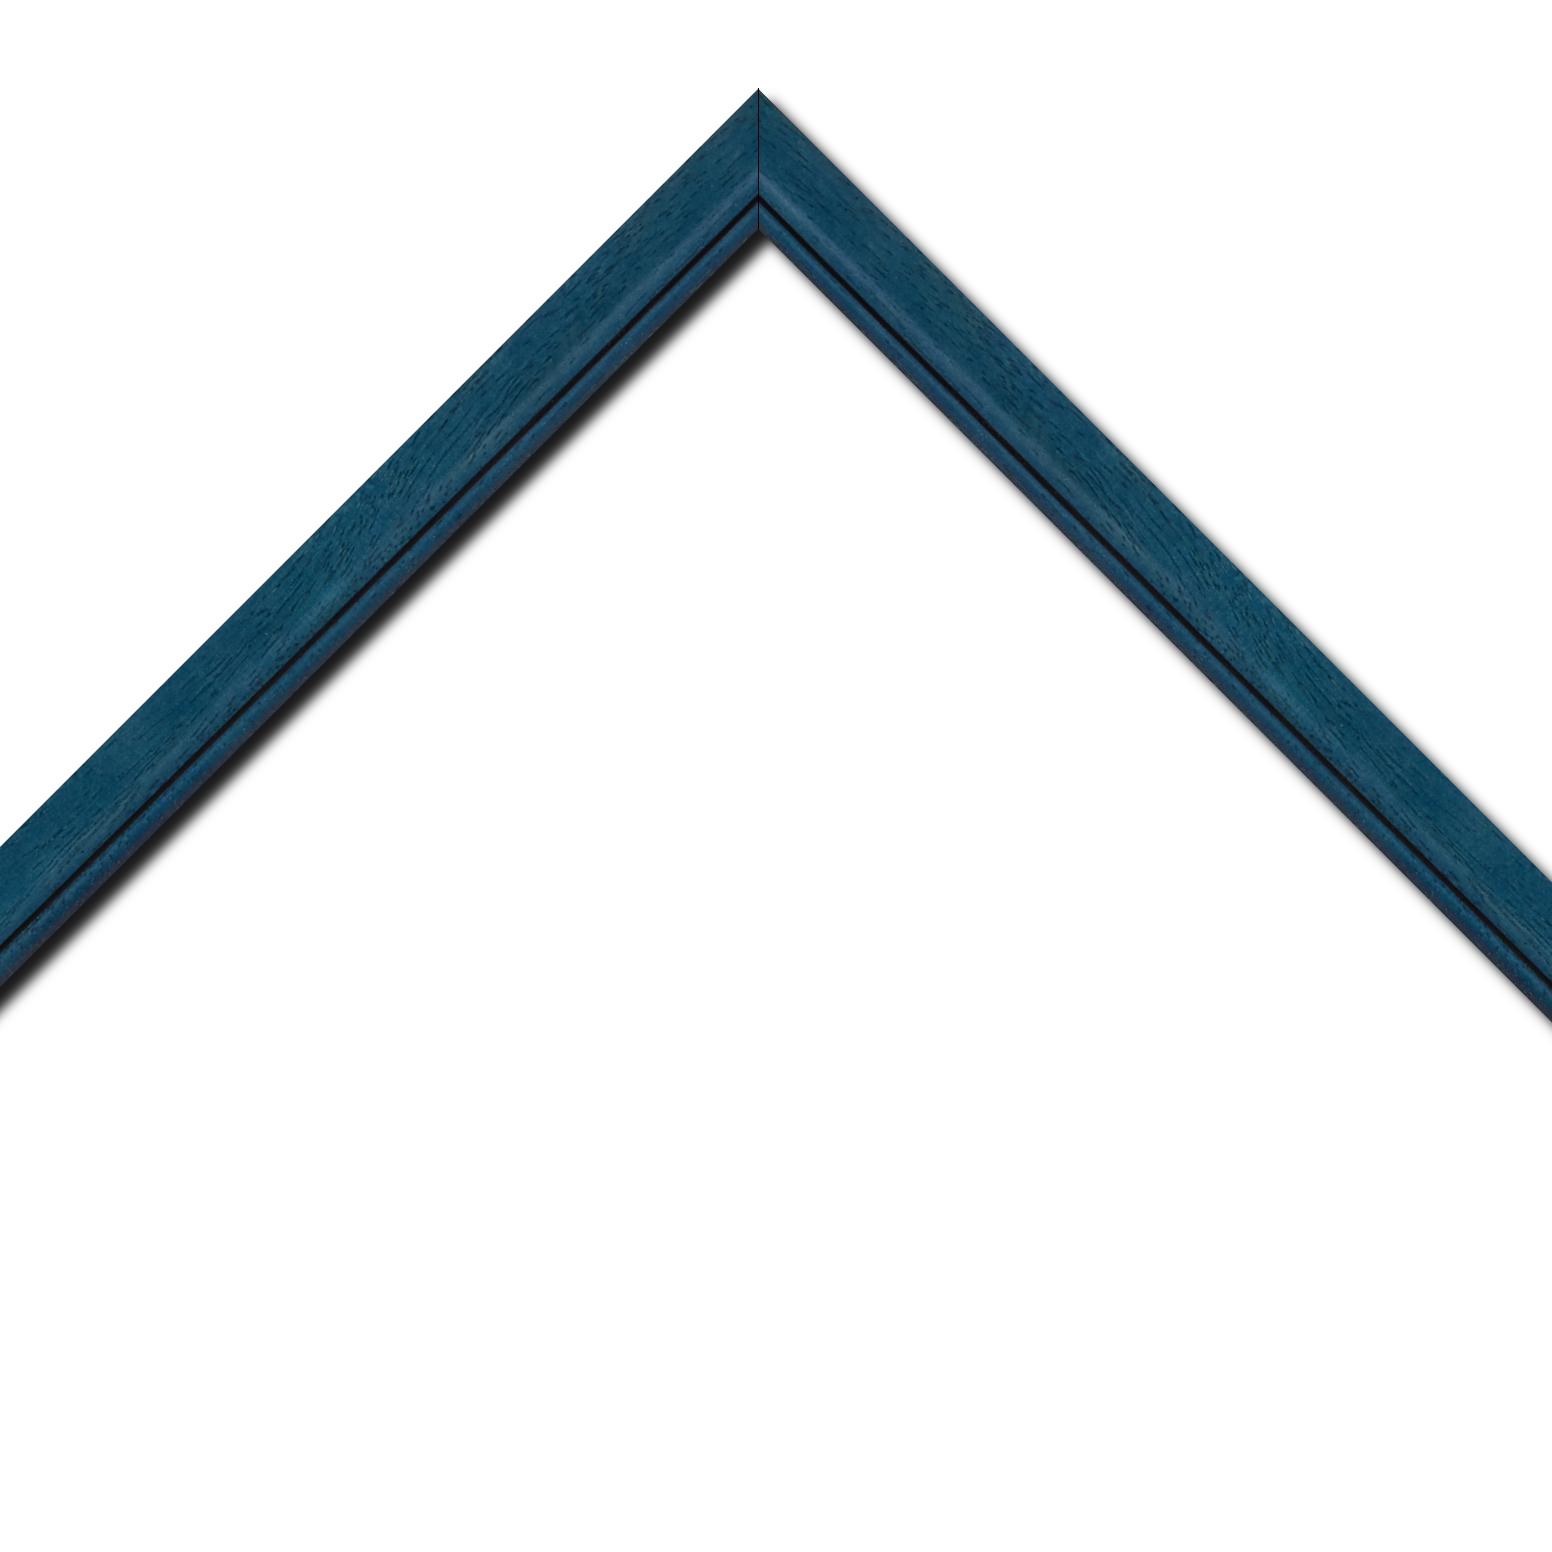 Baguette bois profil bombé largeur 2.4cm couleur bleu cobalt satiné filet noir